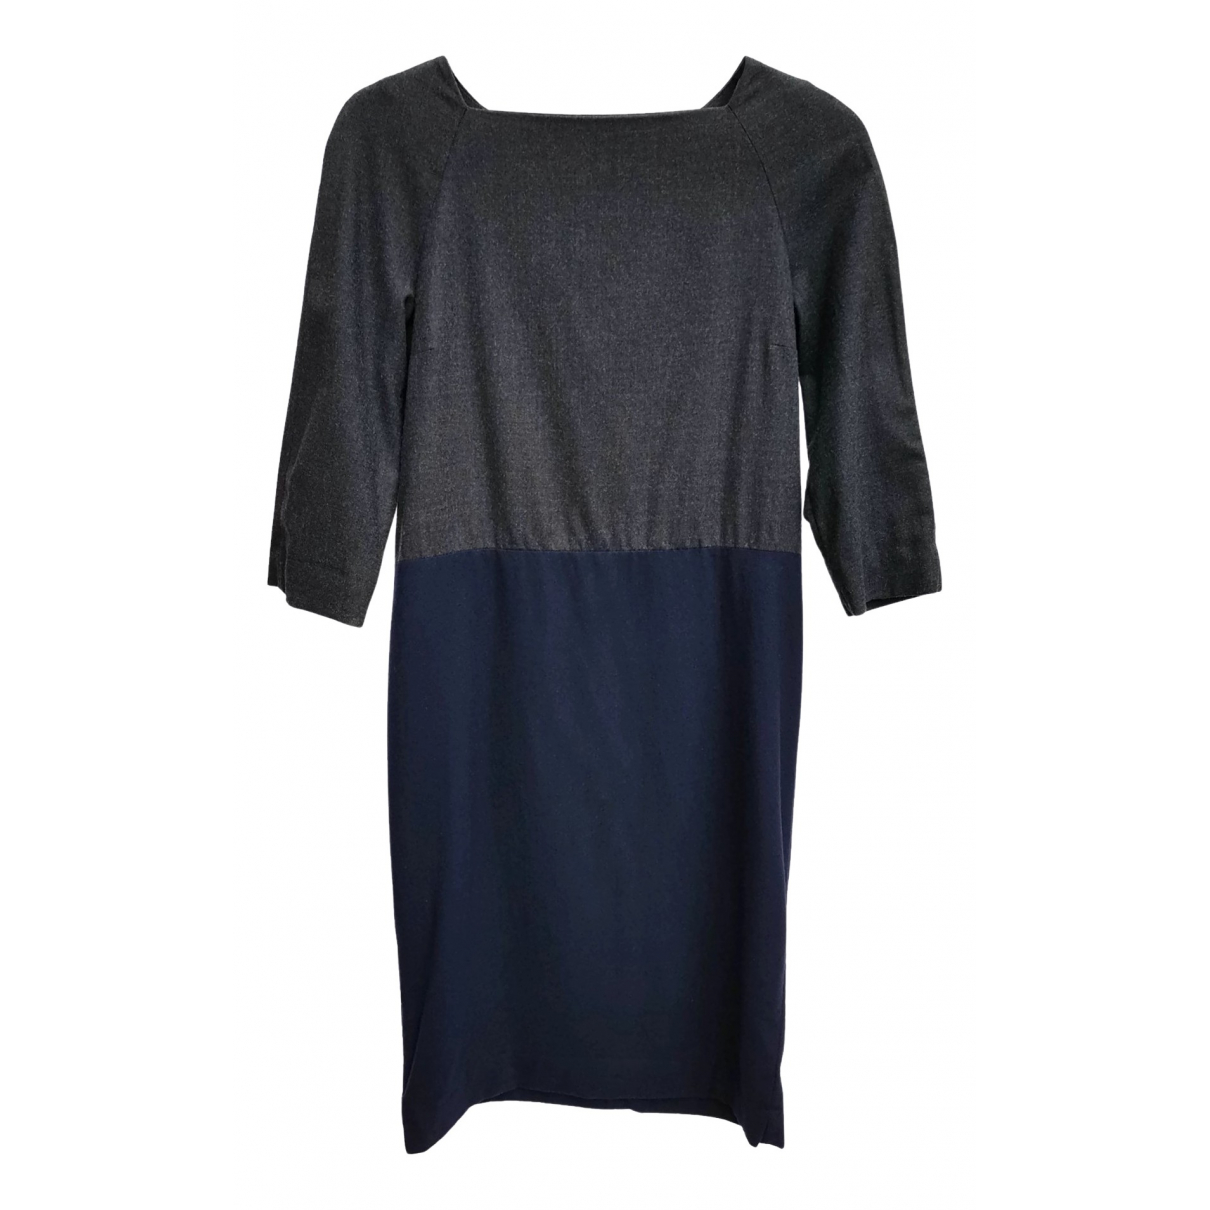 Cos \N Kleid in  Grau Wolle